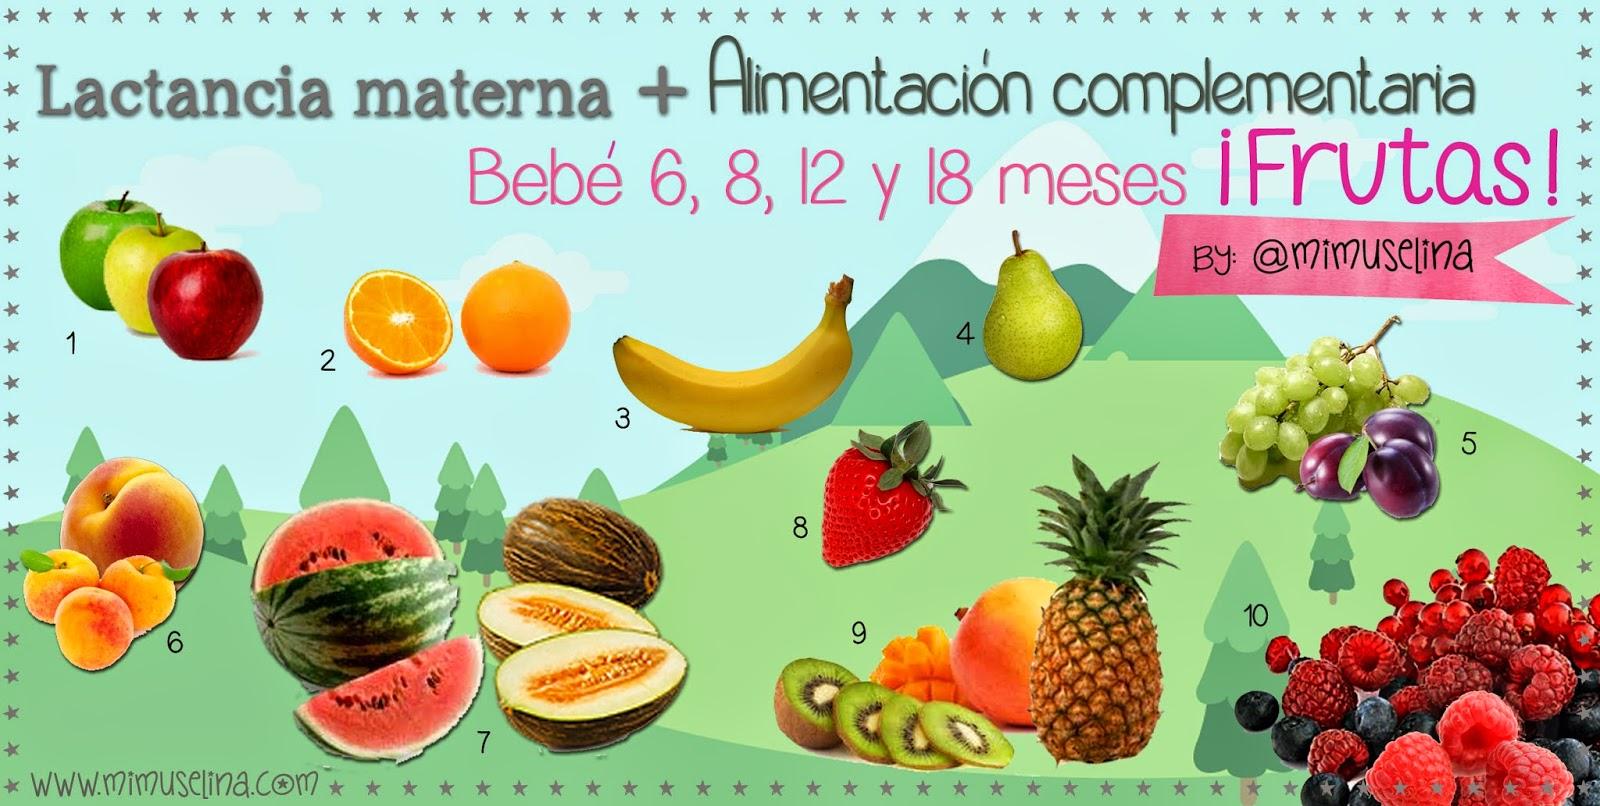 Bebeblog by mimuselina frutas alimentaci n complementaria del beb bebeblog by mimuselina - Que puede comer un bebe de 8 meses ...